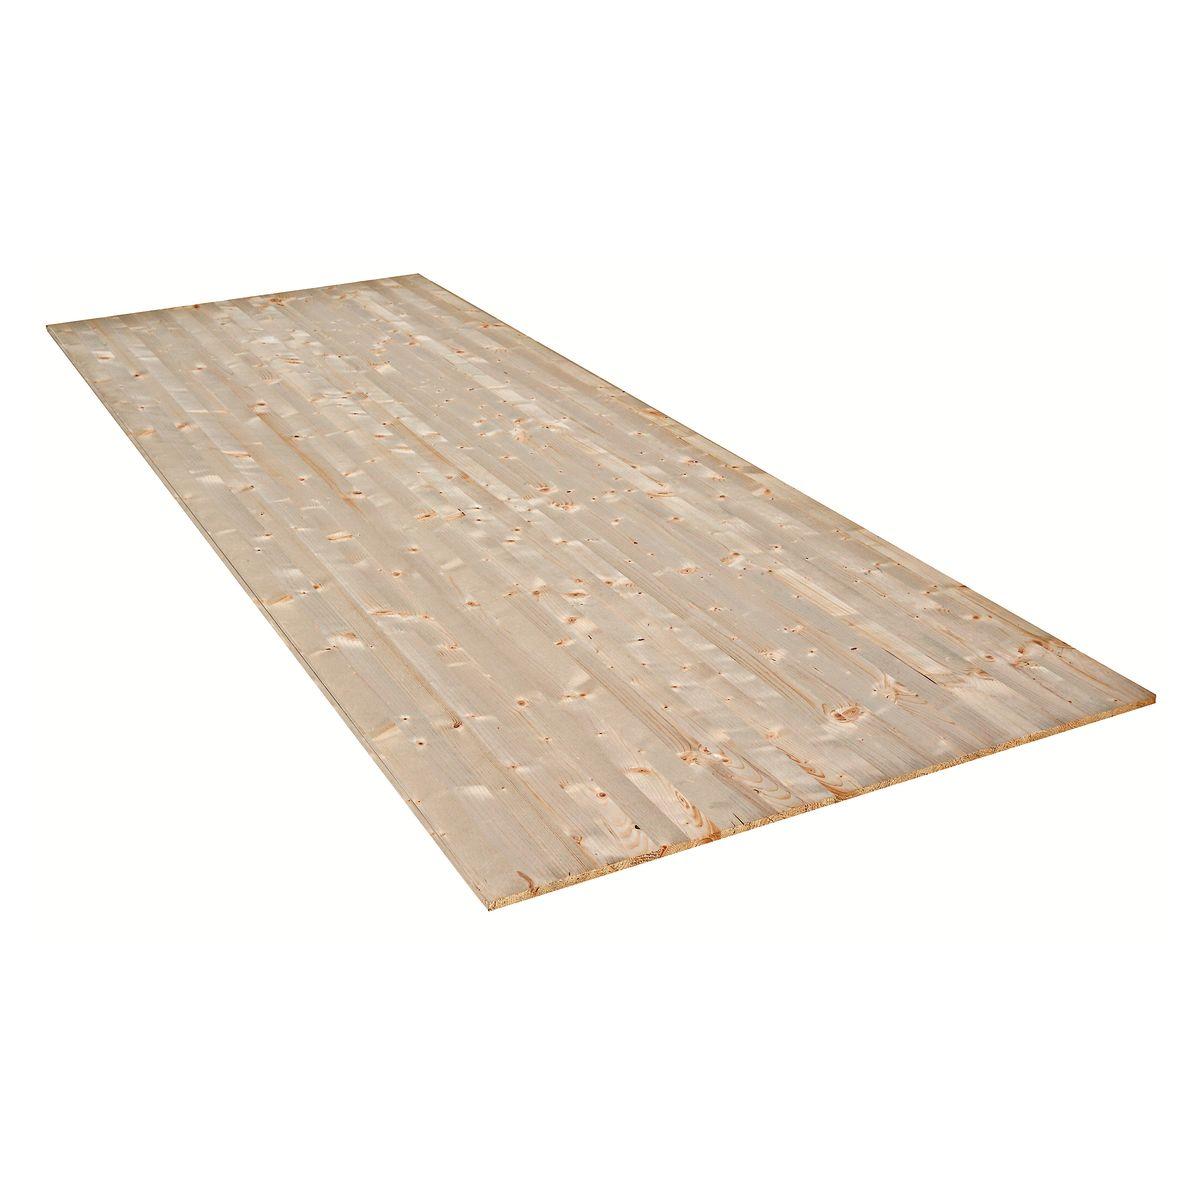 Tavole in legno per pavimenti top berti pavimenti legno parquet tavole rovere verniciato with - Tavole legno grezzo leroy merlin ...